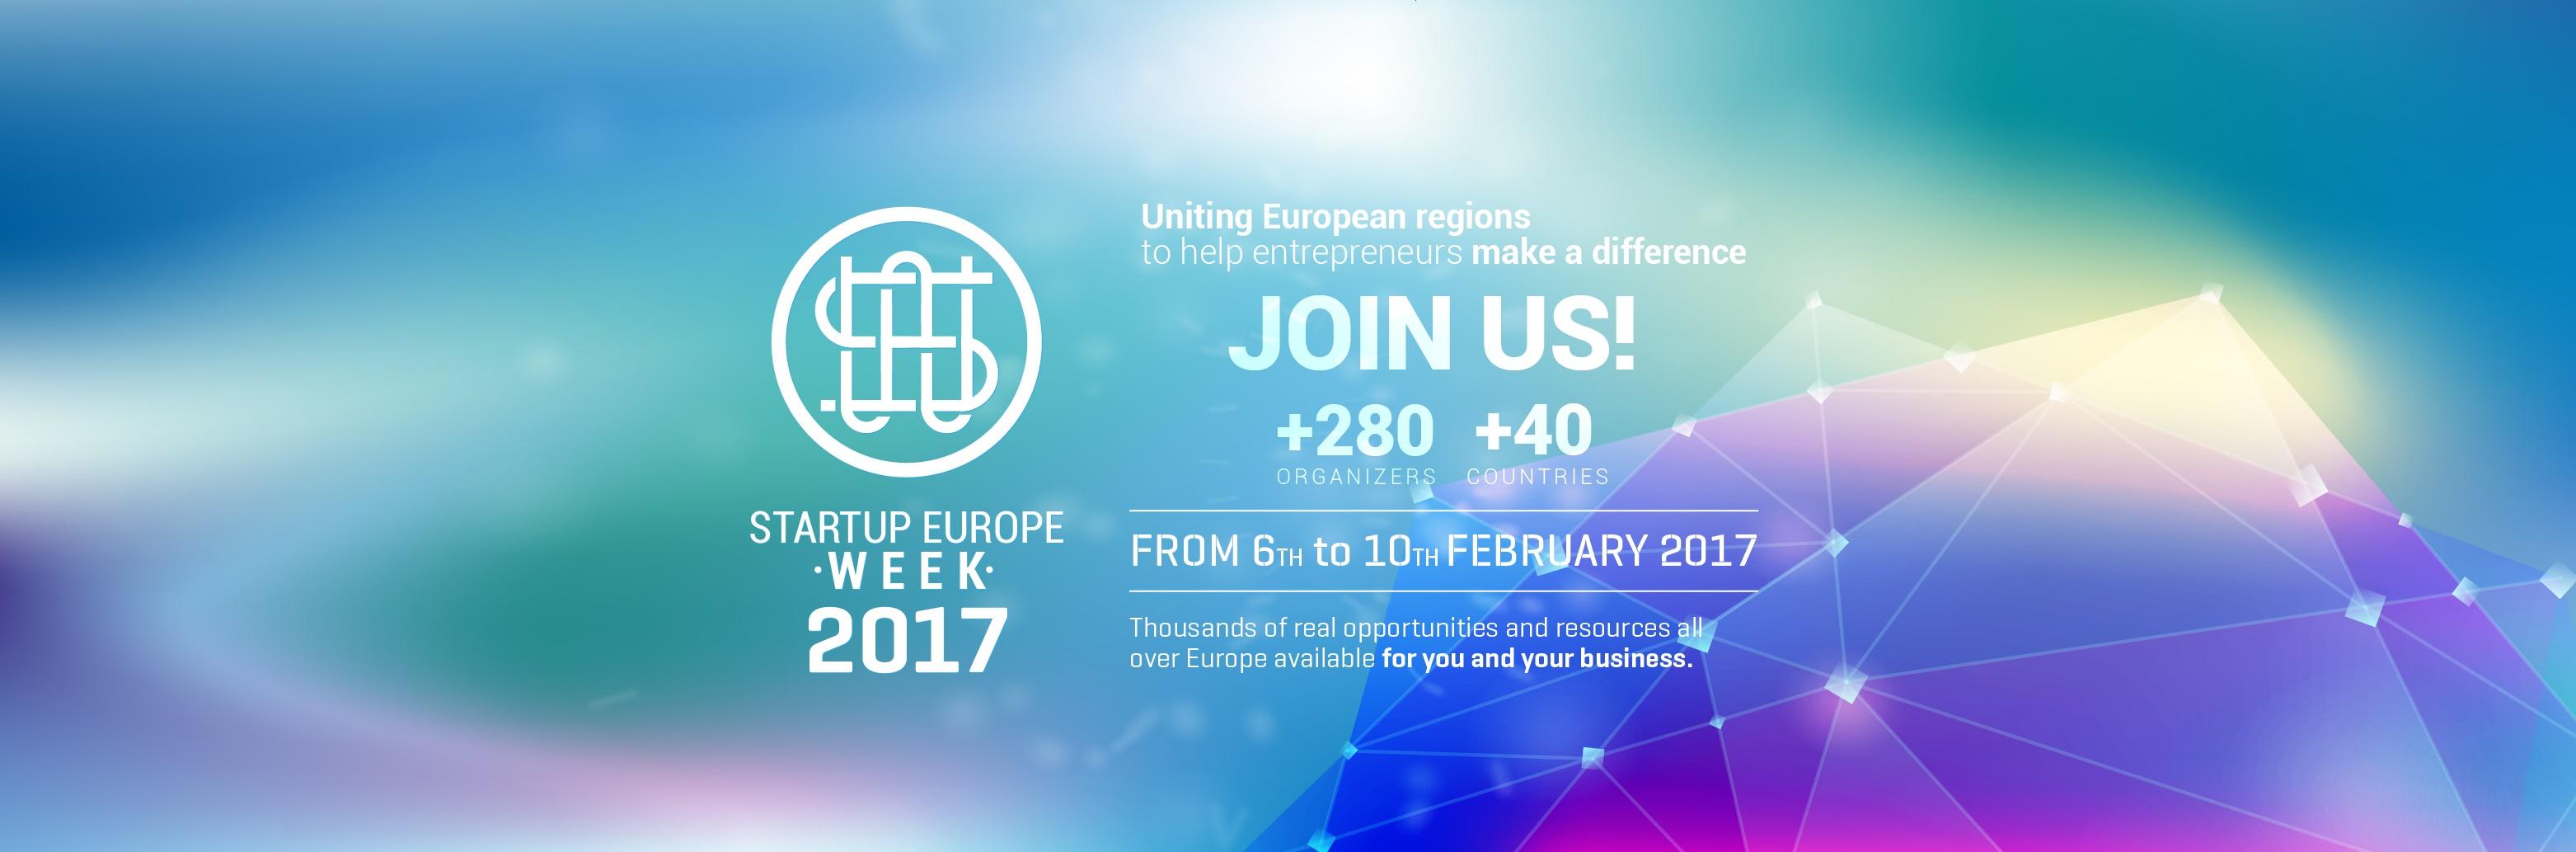 Startup Europe Week 2017